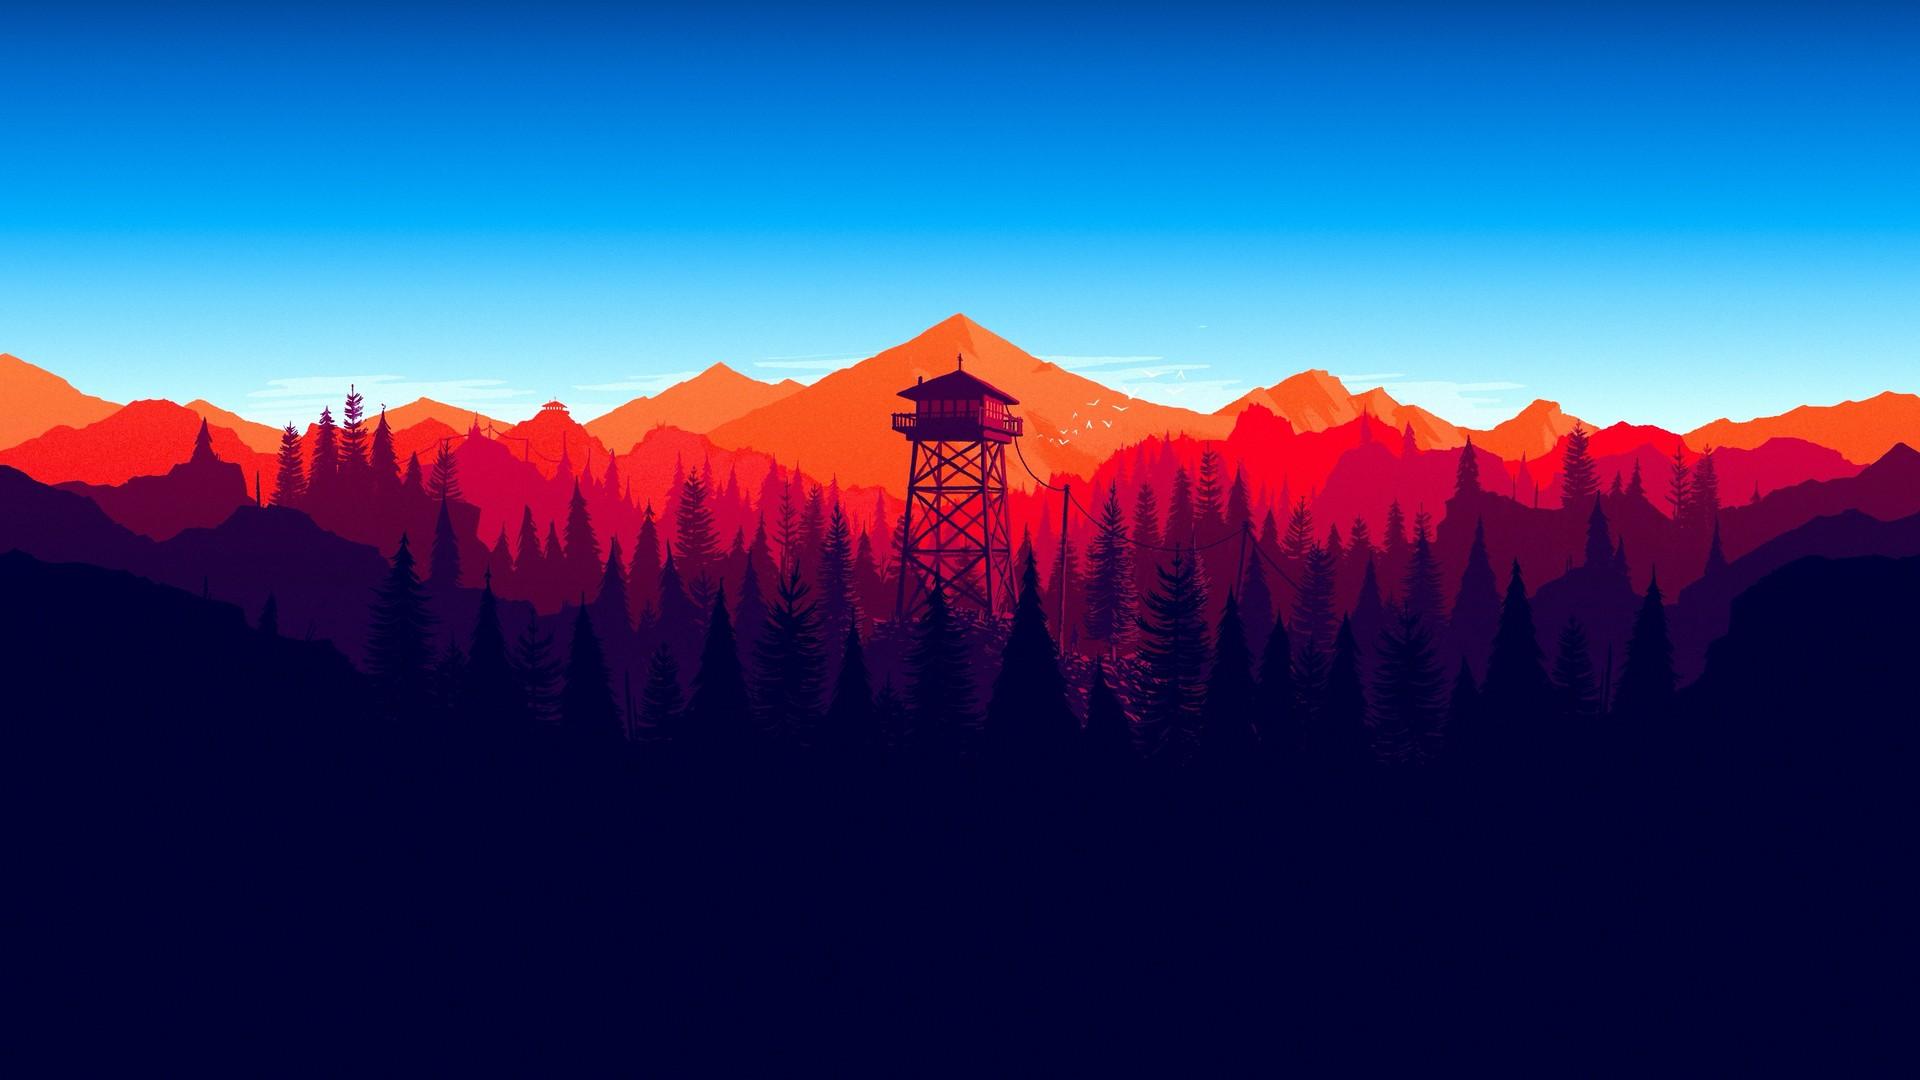 FireWatch看火人游戏风景Mac动态壁纸